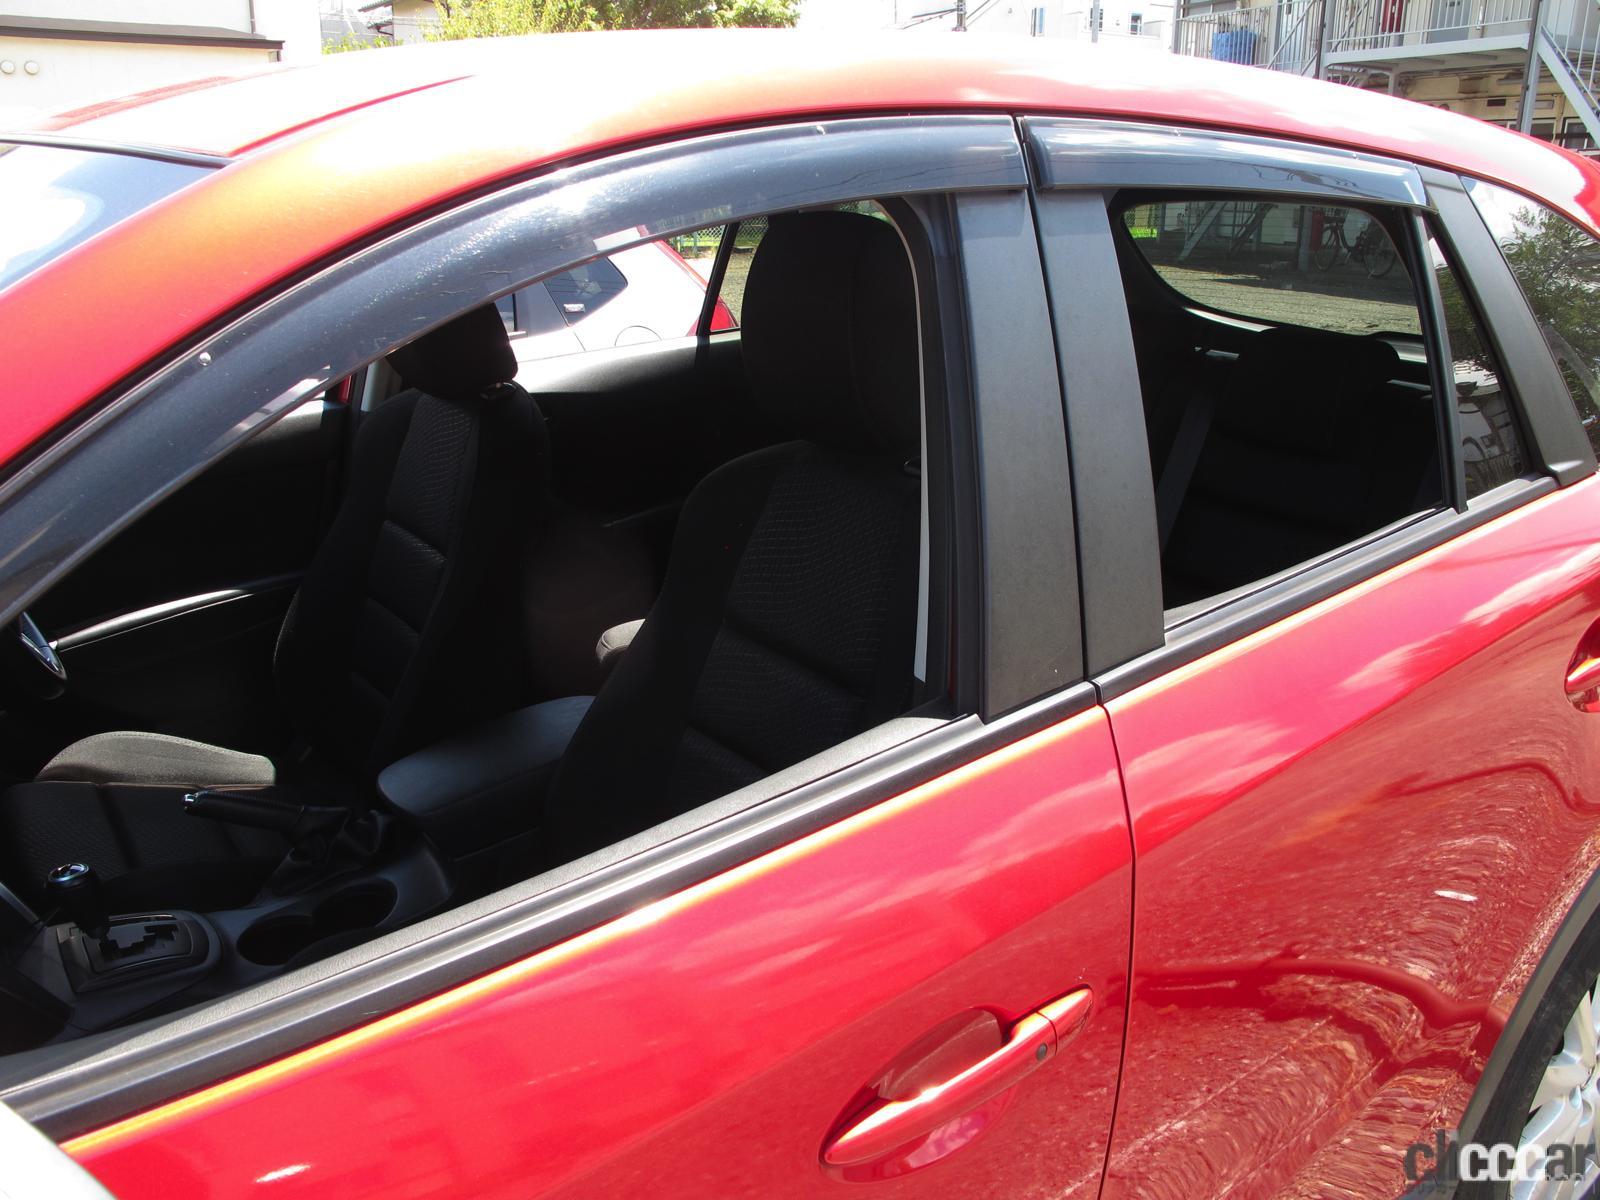 「約5分で快適! 炎天下に駐車後、すぐに車内を冷やす「エアコン」の正しい使い方」の5枚目の画像